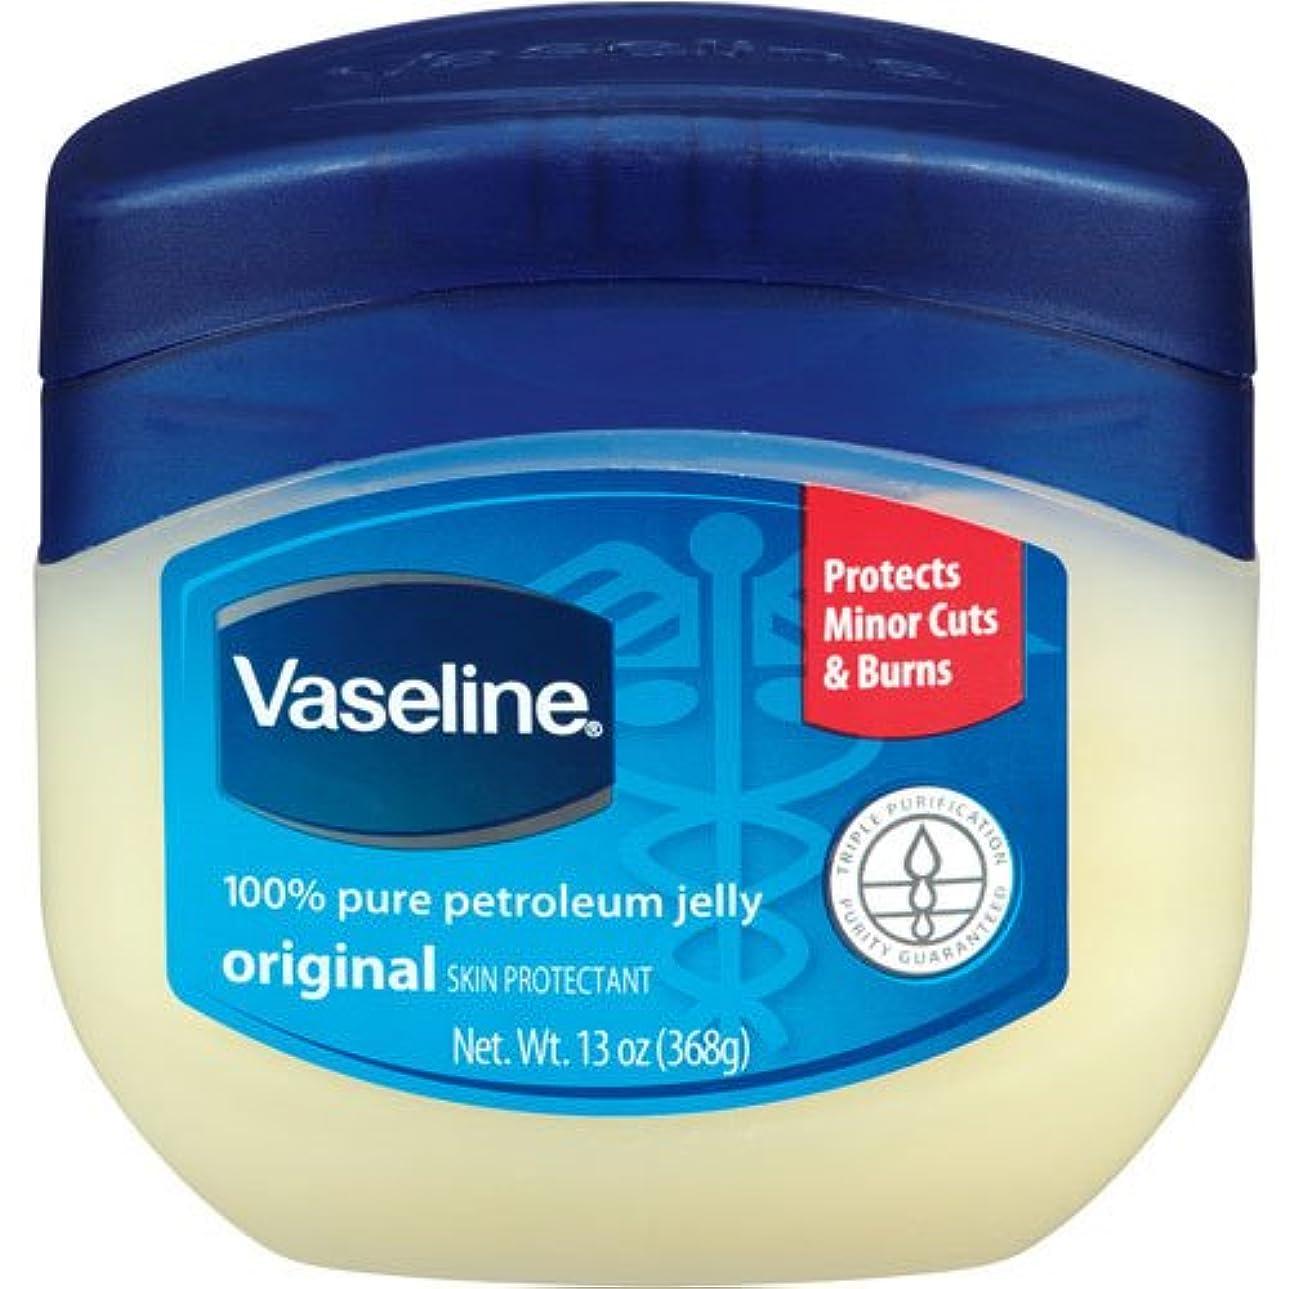 豊かにするランドマーク従順なヴァセリン [Vaseline]ペトロリュームジェリージャータイプ[保湿クリーム]368g[並行輸入品]